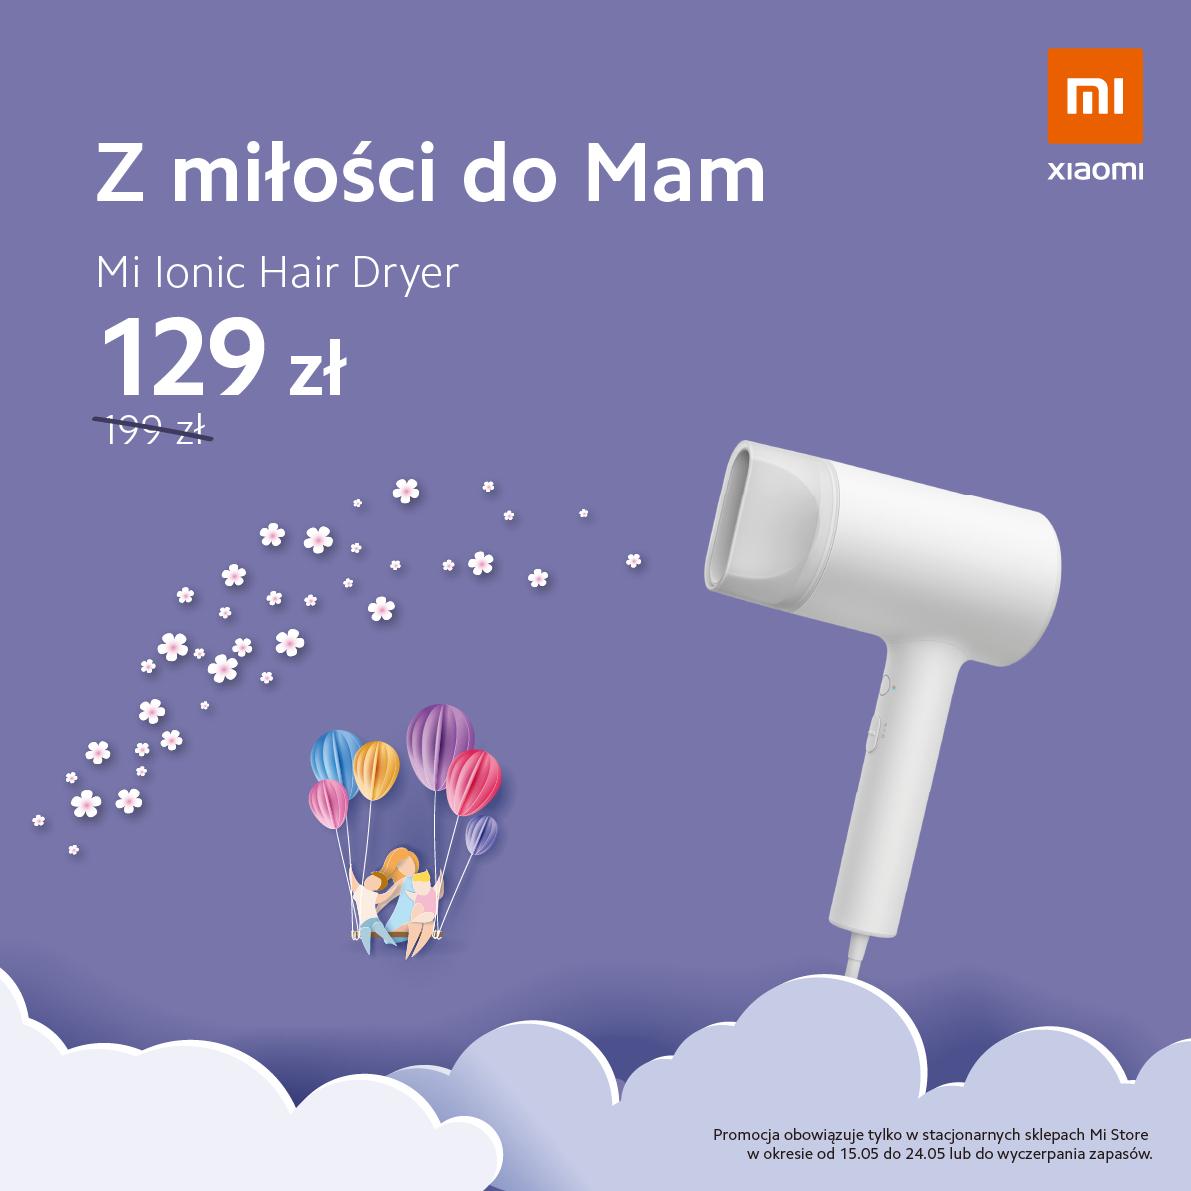 Z okazji Dnia Mamy - Suszarka Xiaomi Mi Ionic Hair Dryer bardzo dobrej cenie - stacjonarnie